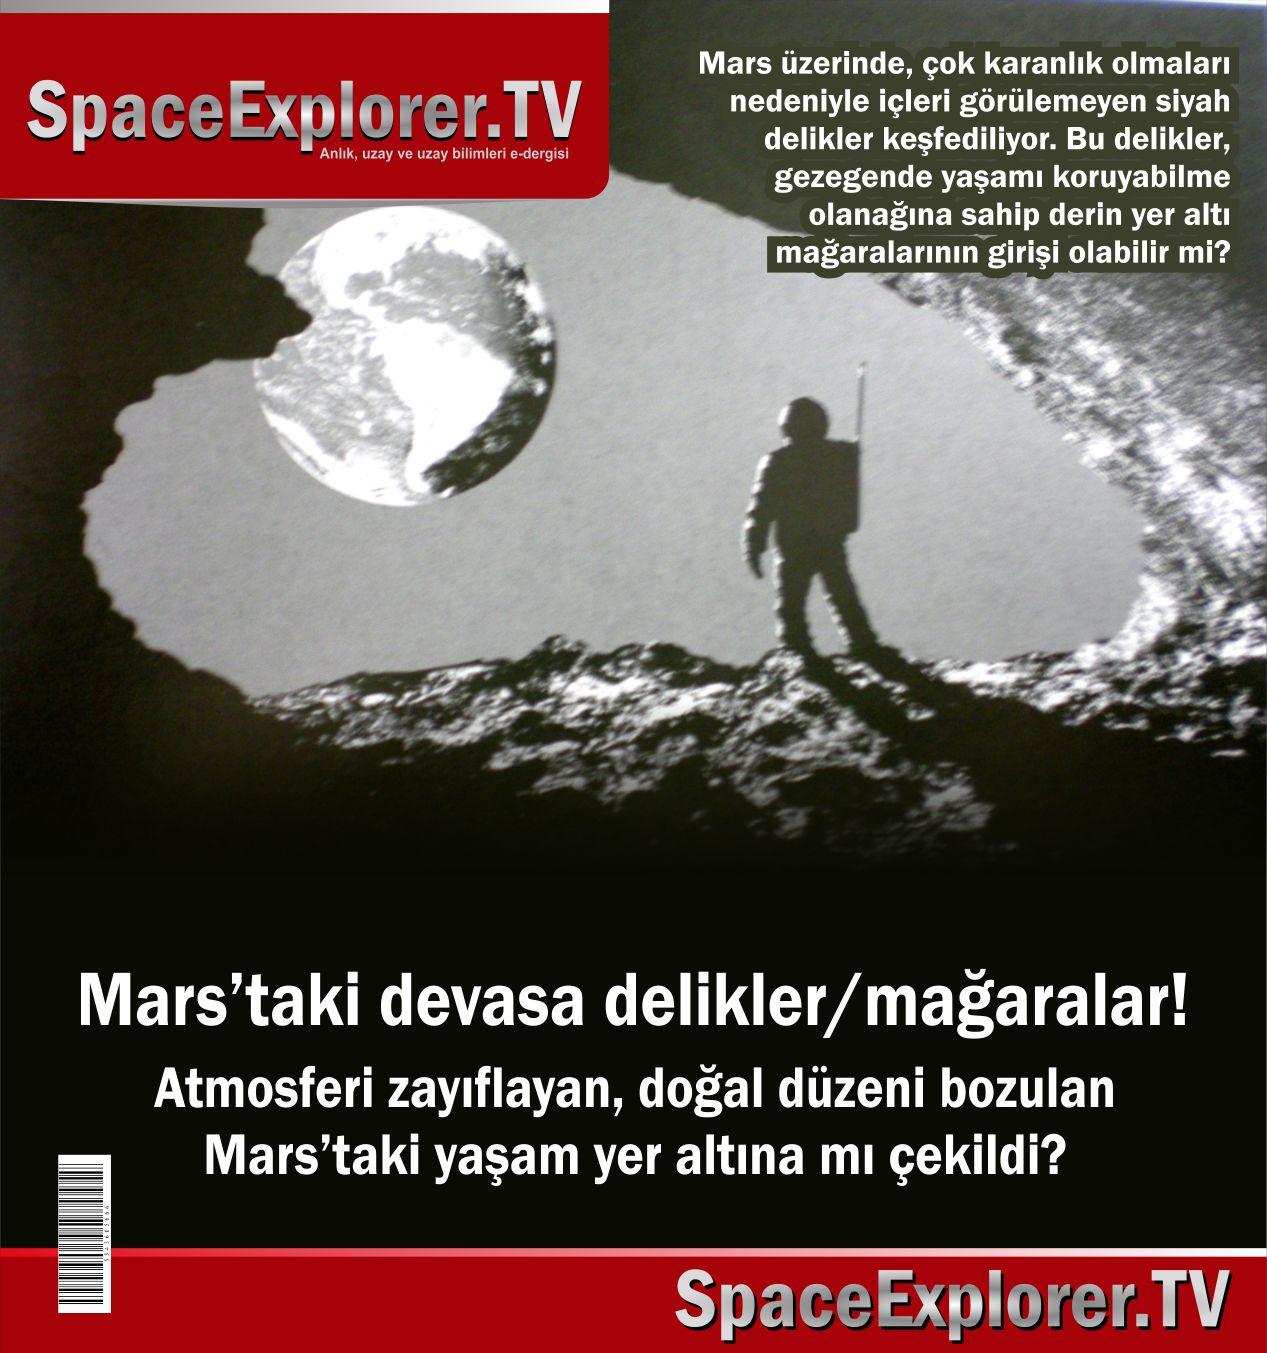 Mars'ta yaşam yer altına mı çekildi? Mars'taki devasa delikler/mağaralar...